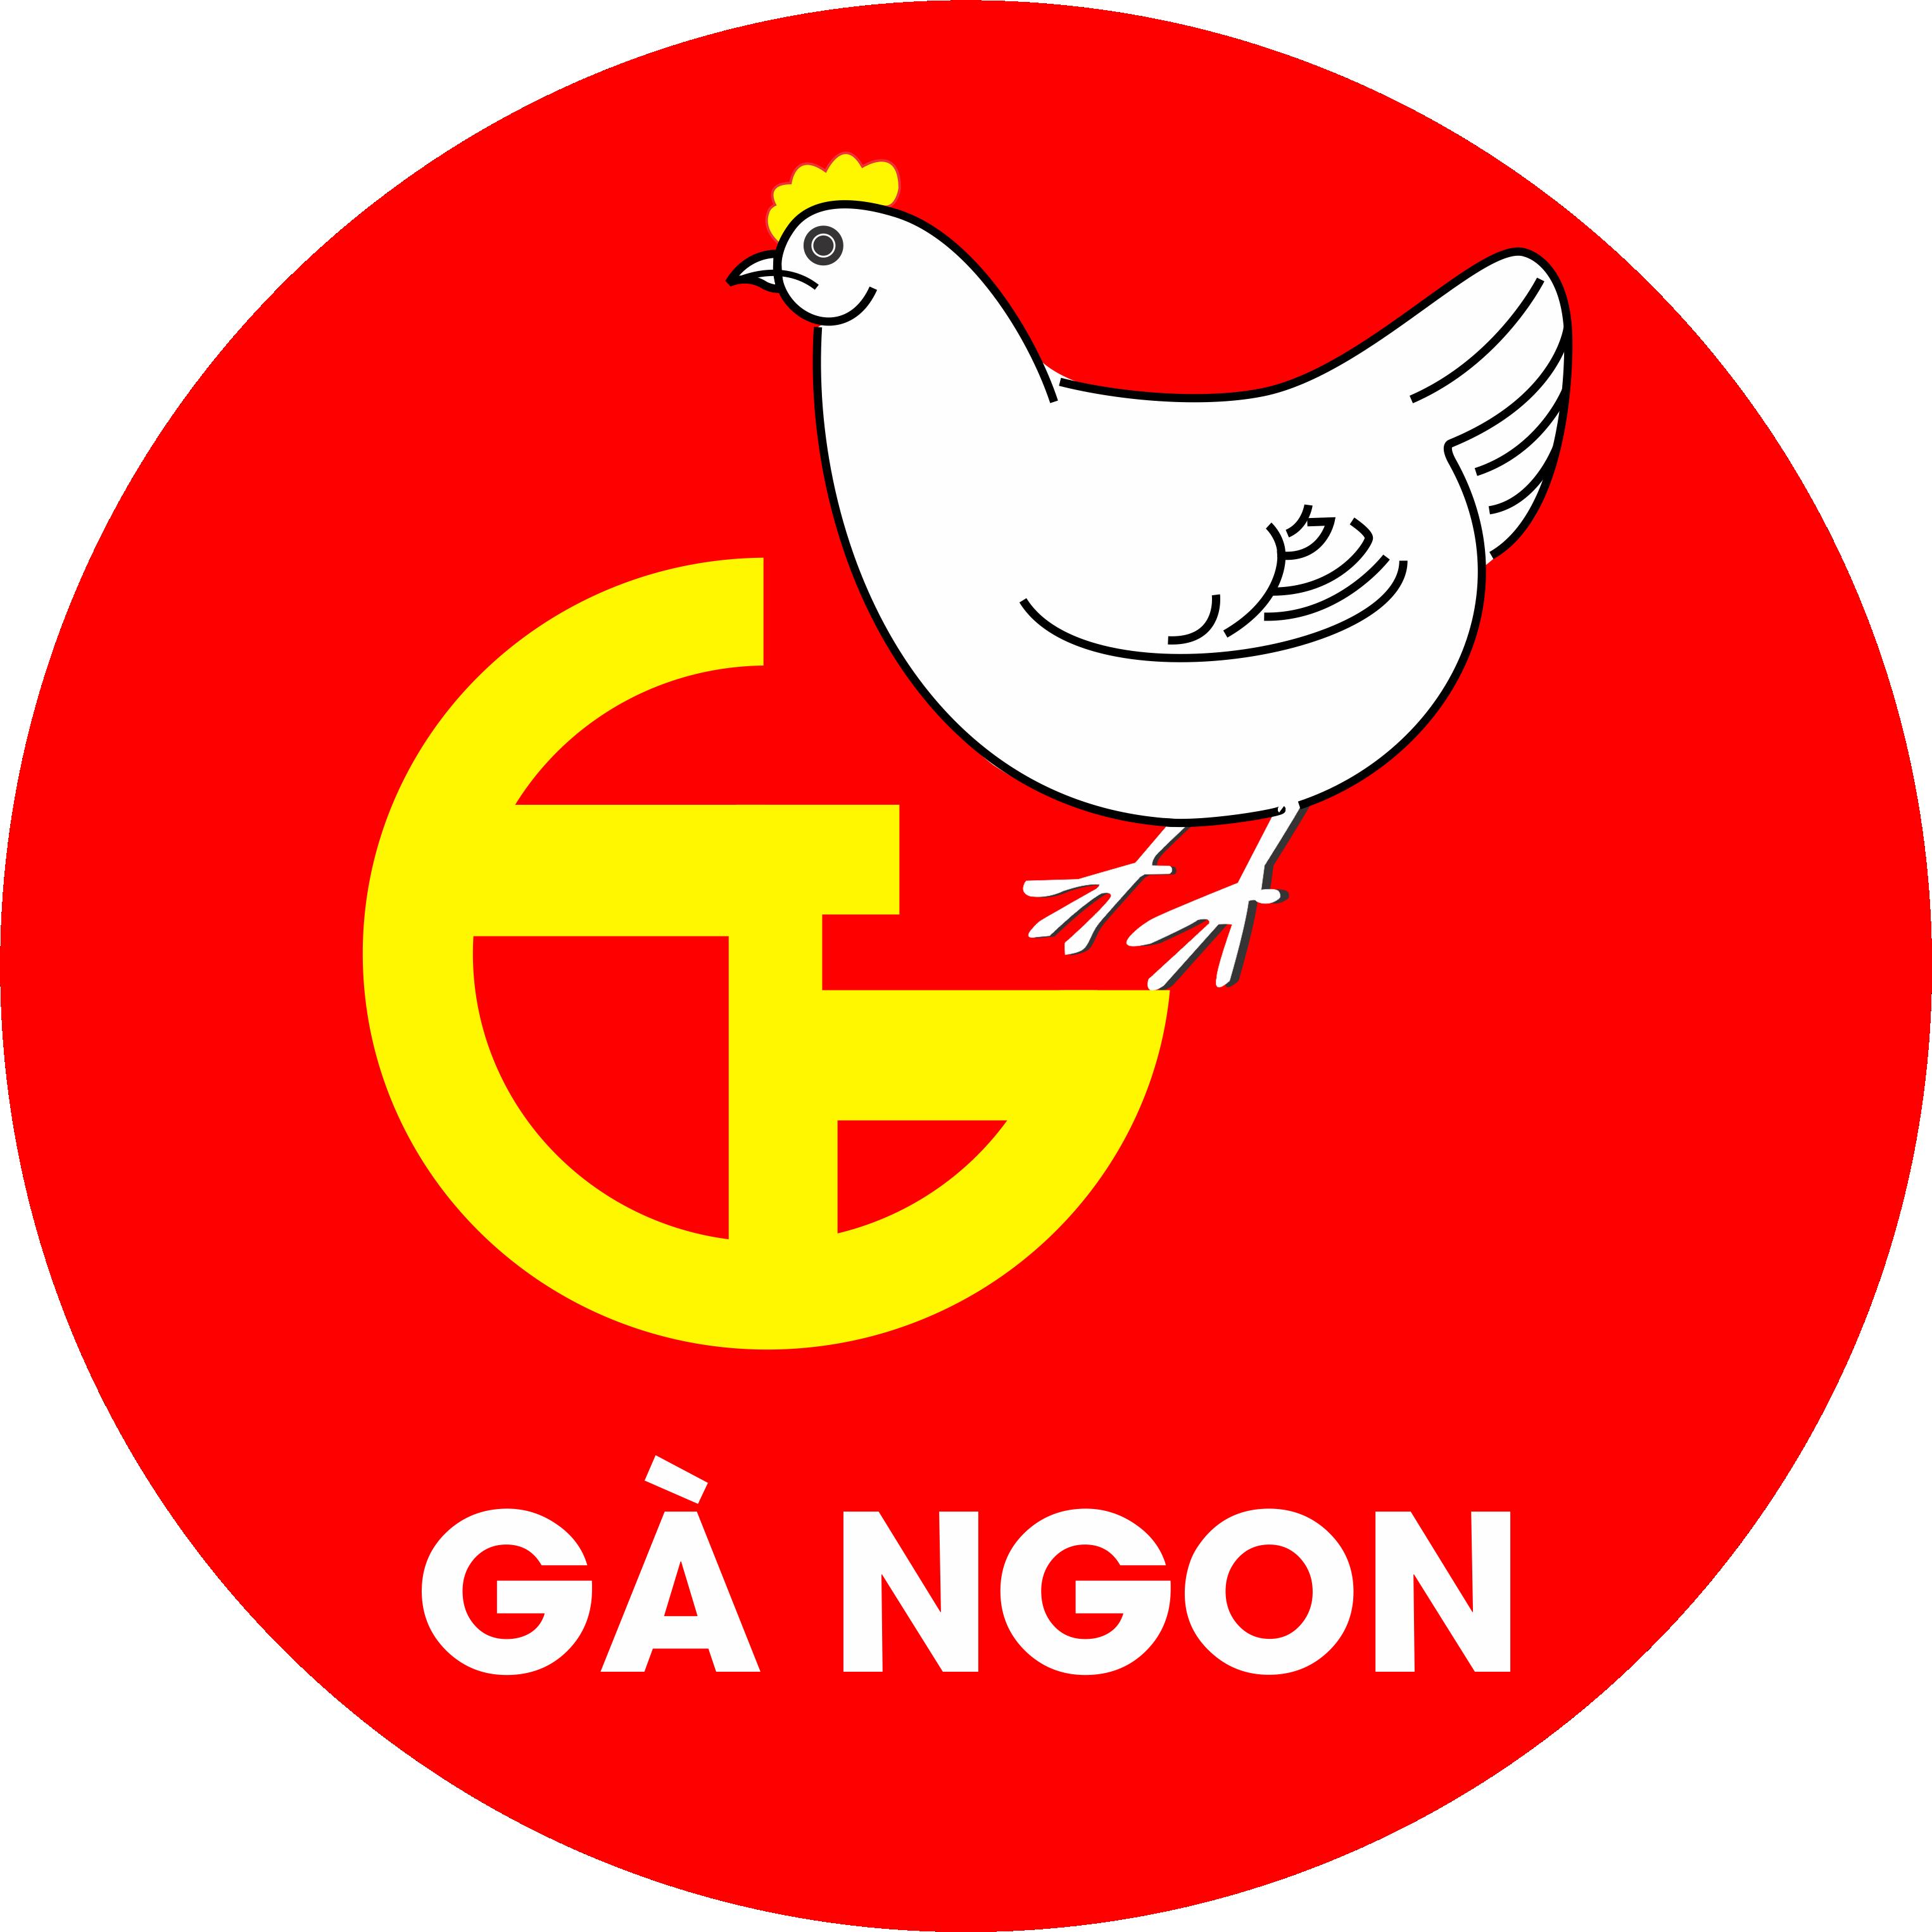 Ẩm Thực Gà Ngon chi nhánh Thiên Đường Bảo Sơn